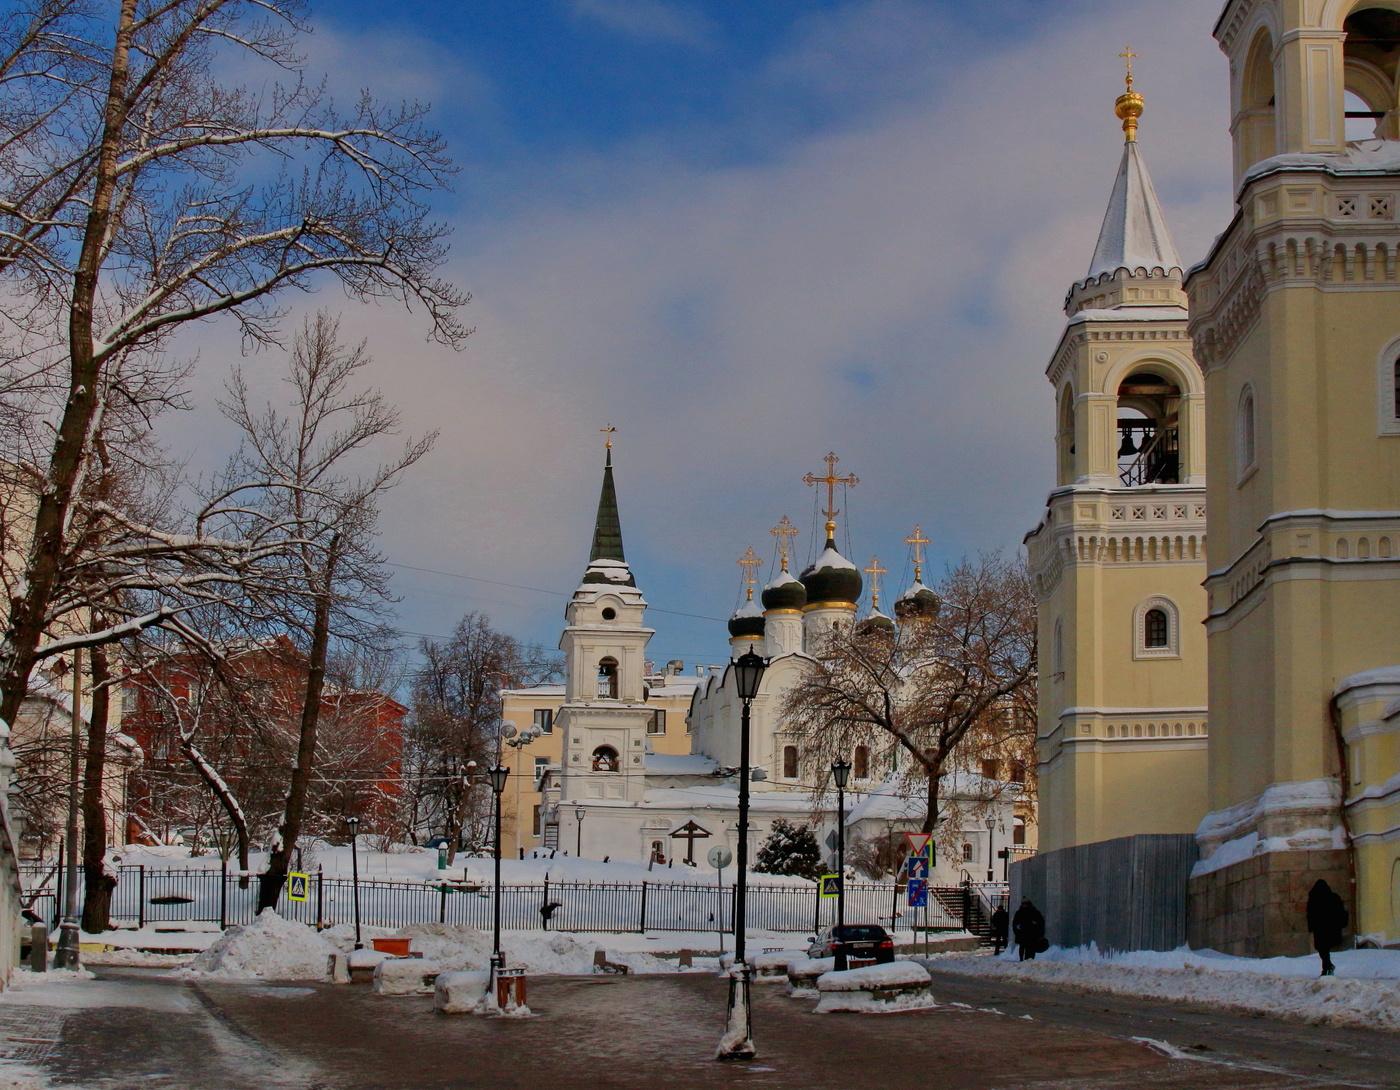 Активисты вводят в заблуждение москвичей на Ивановской горке